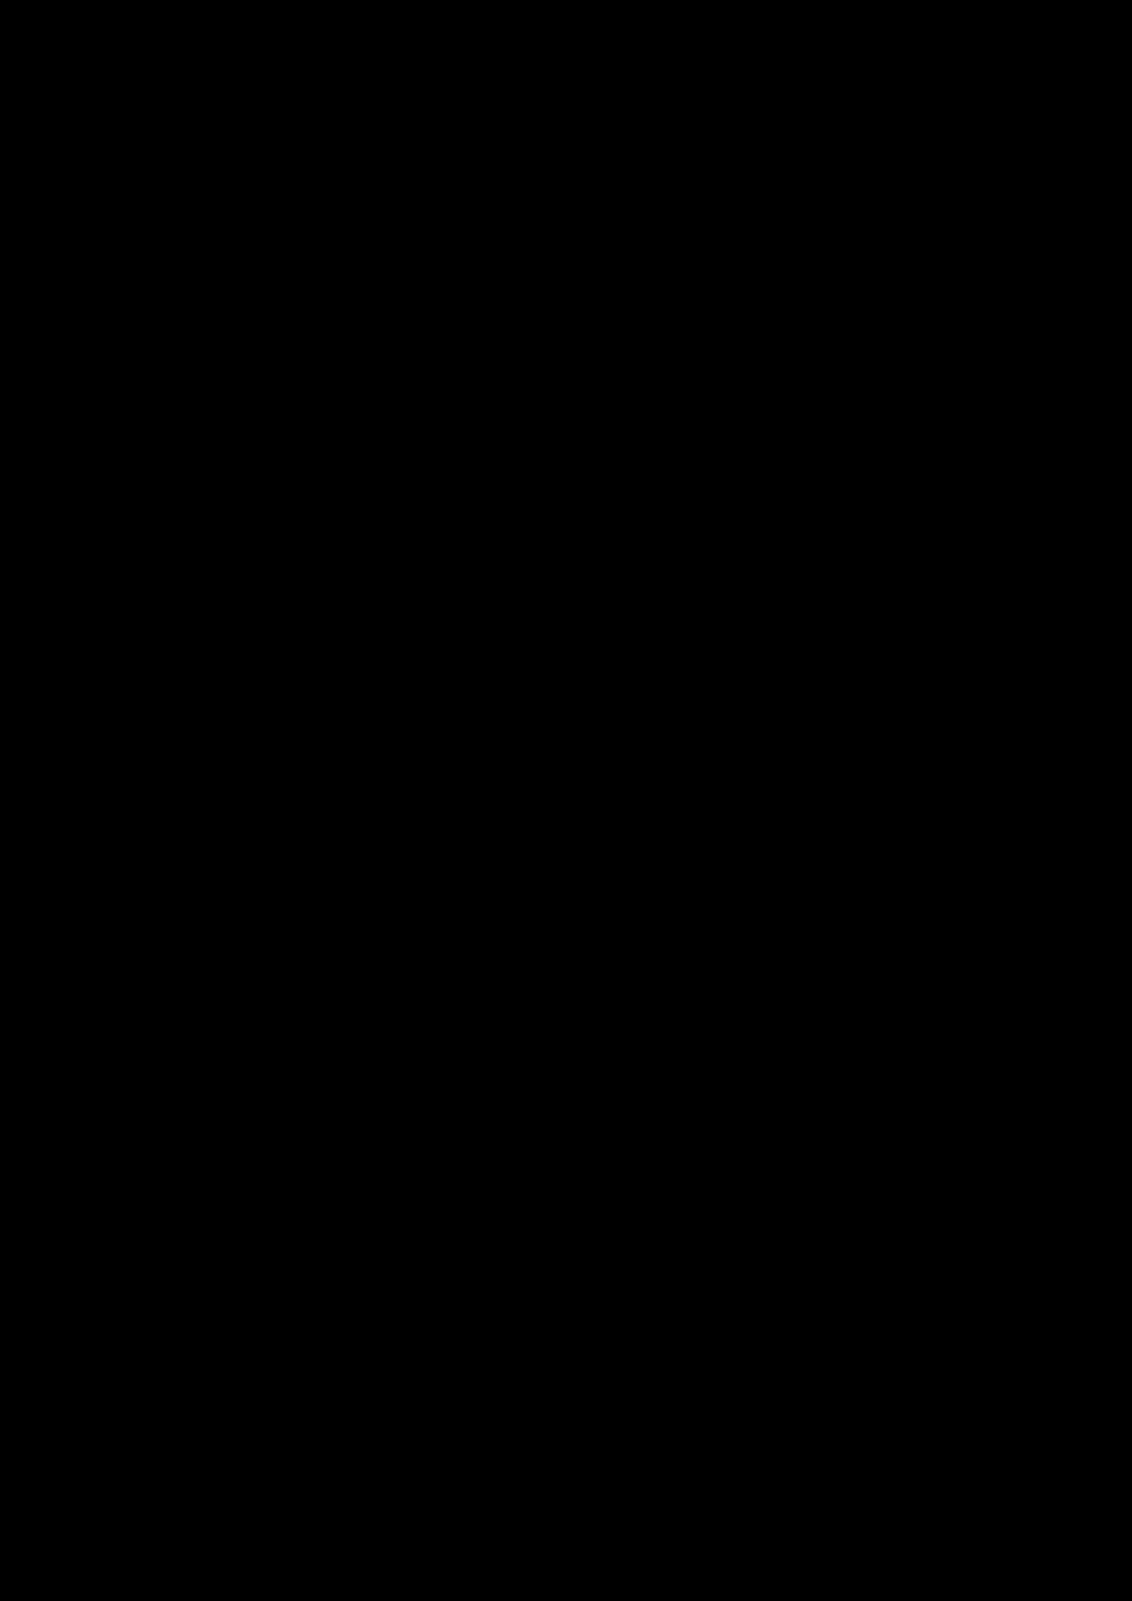 Proschanie s volshebnoy stranoy slide, Image 71